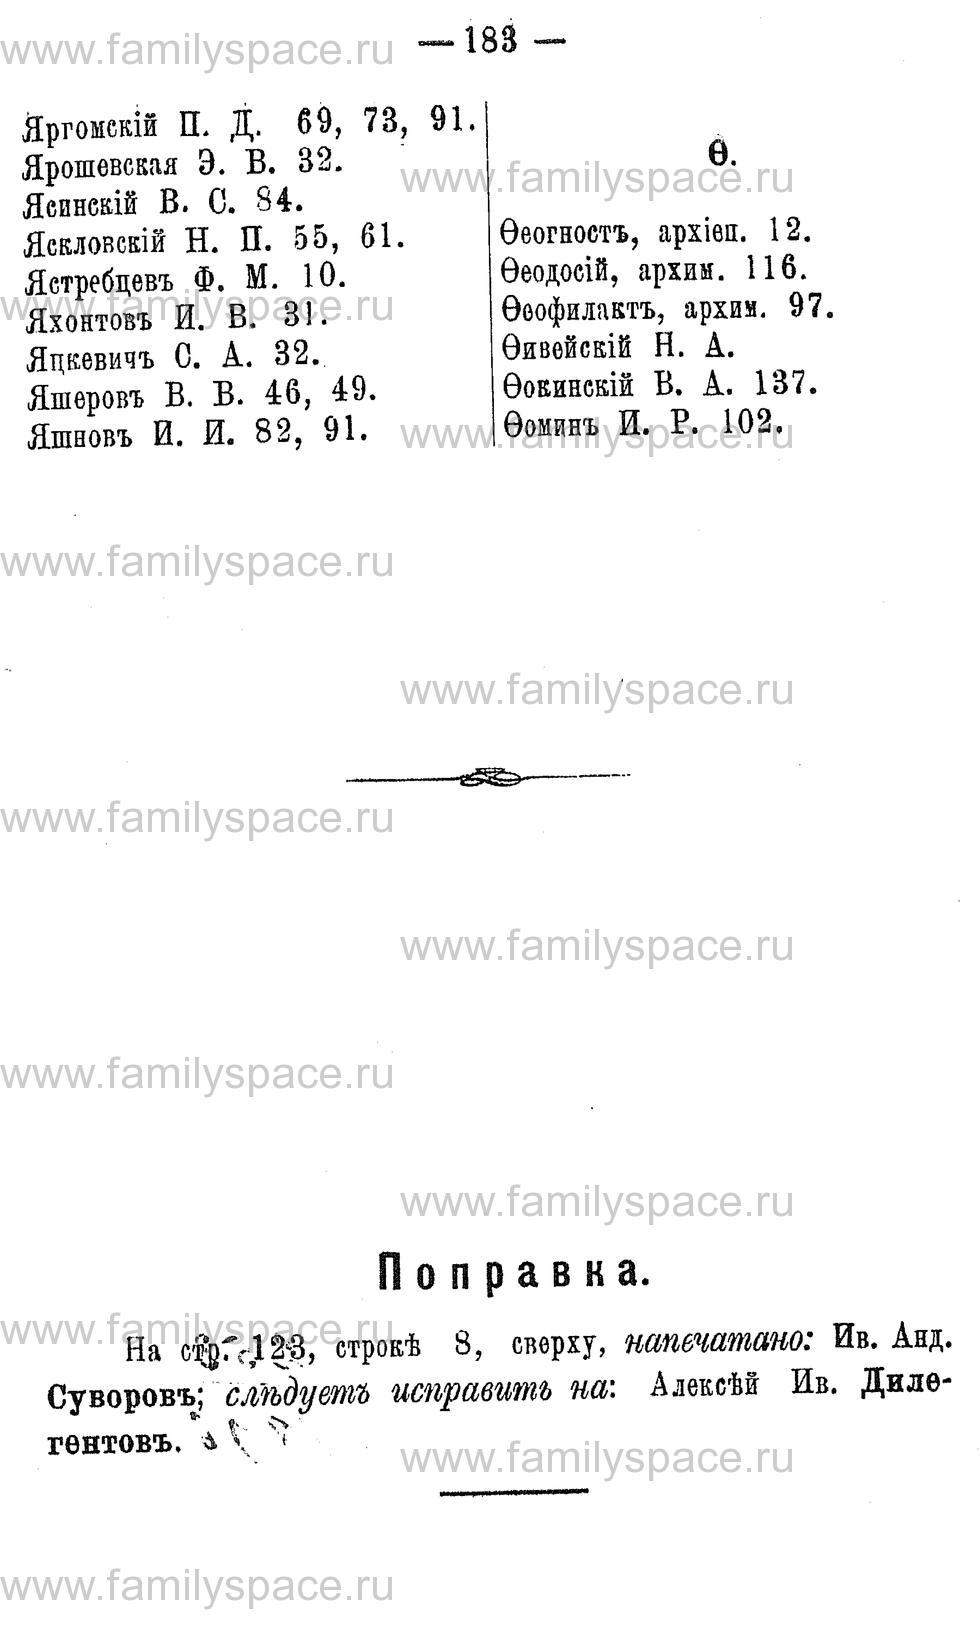 Поиск по фамилии - Адрес-календарь Нижегородской губернии на 1891 год, страница 183